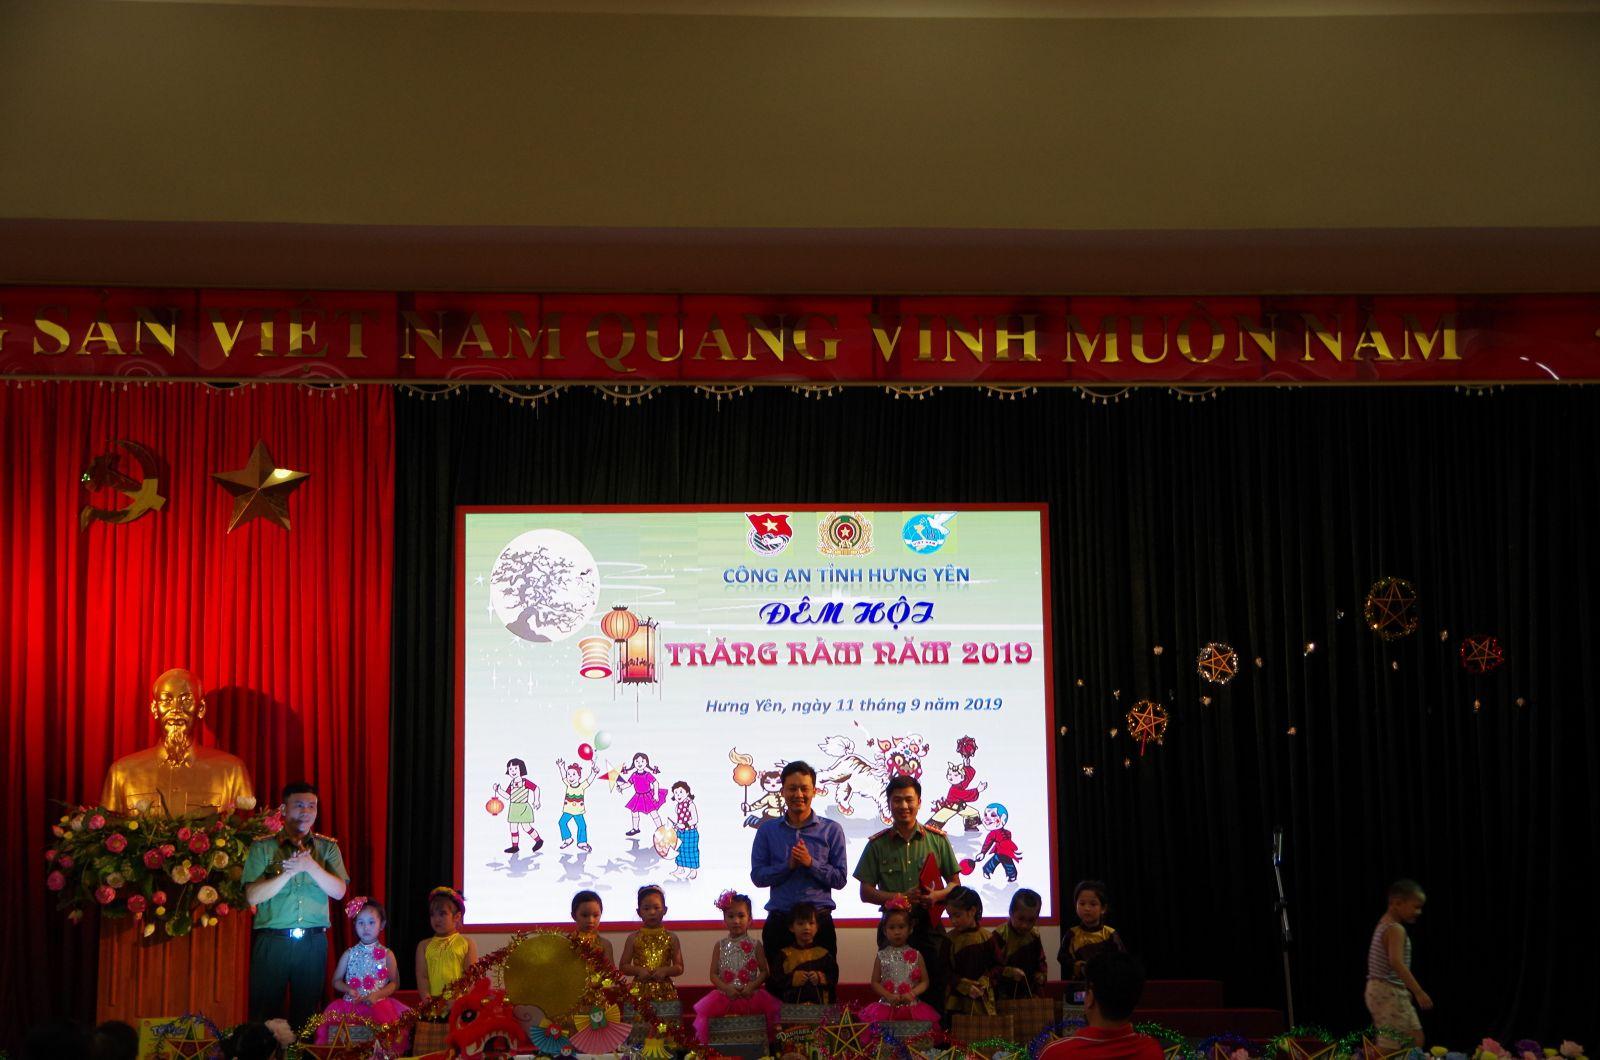 Đoàn thanh niên Công an tỉnh phối hợp tổ chức Đêm hội trăng rằm năm 2019